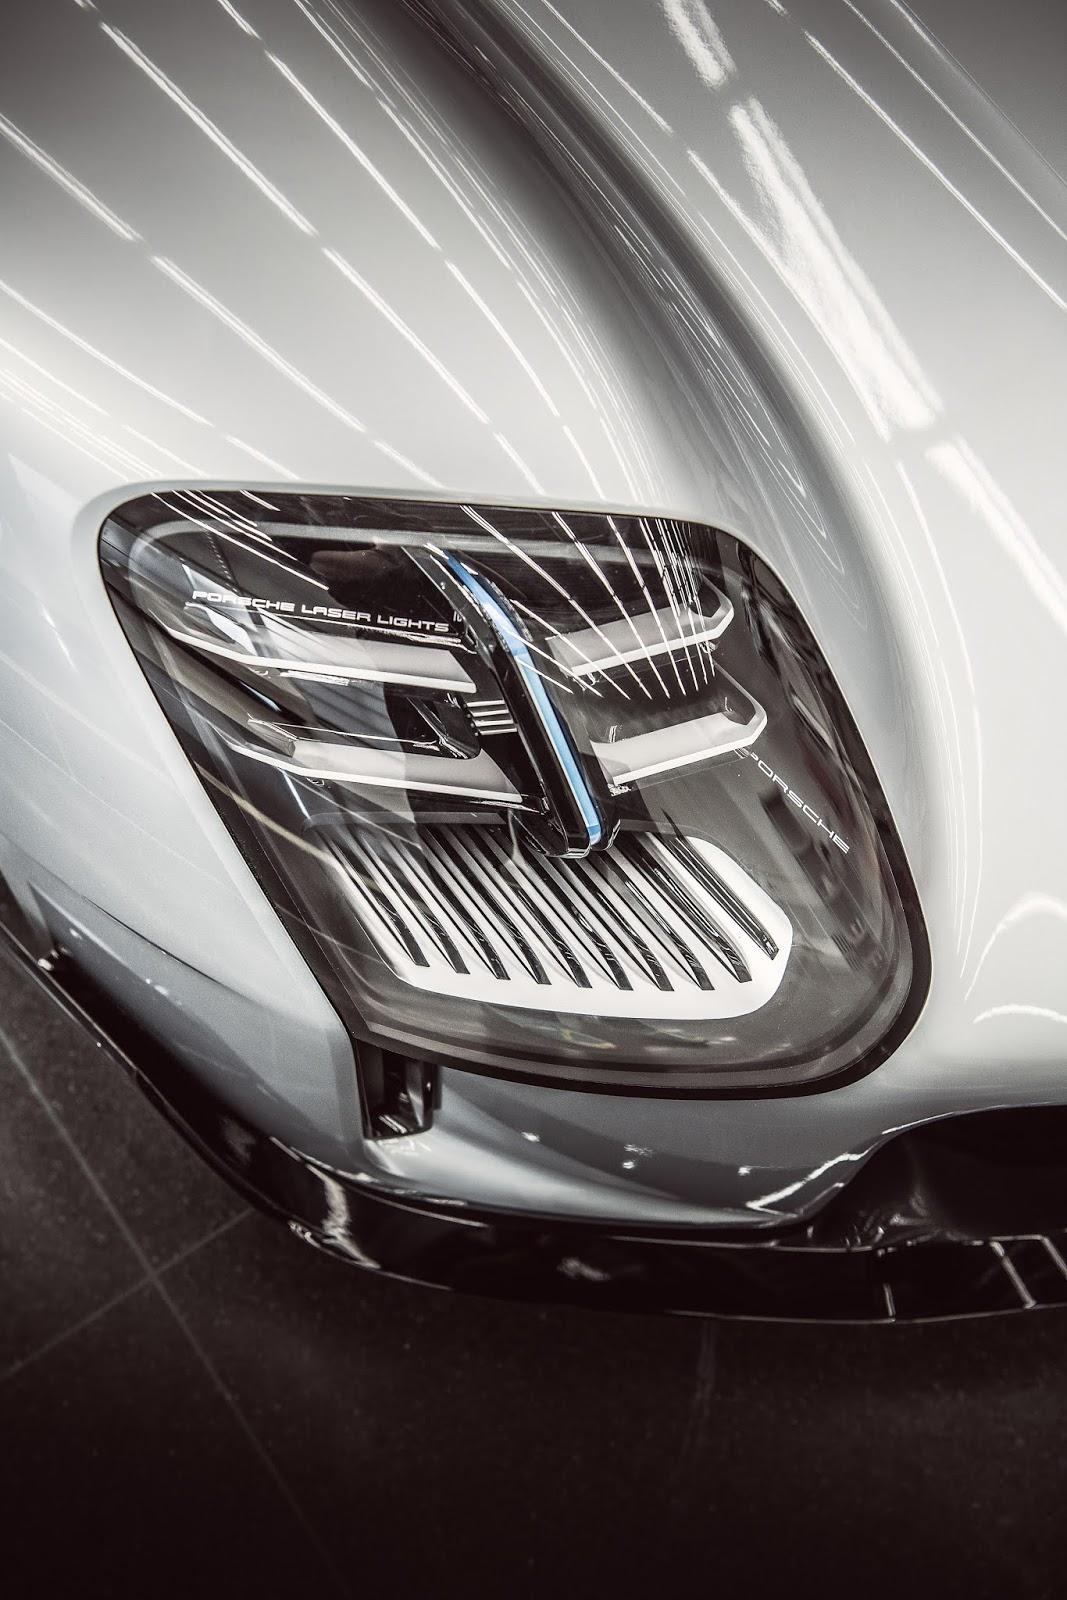 CUR7504 Τα άγνωστα Hypercars της Porsche hypercar, Porsche, Porsche Unseen, Sunday, supercar, supercars, zblog, ειδήσεις